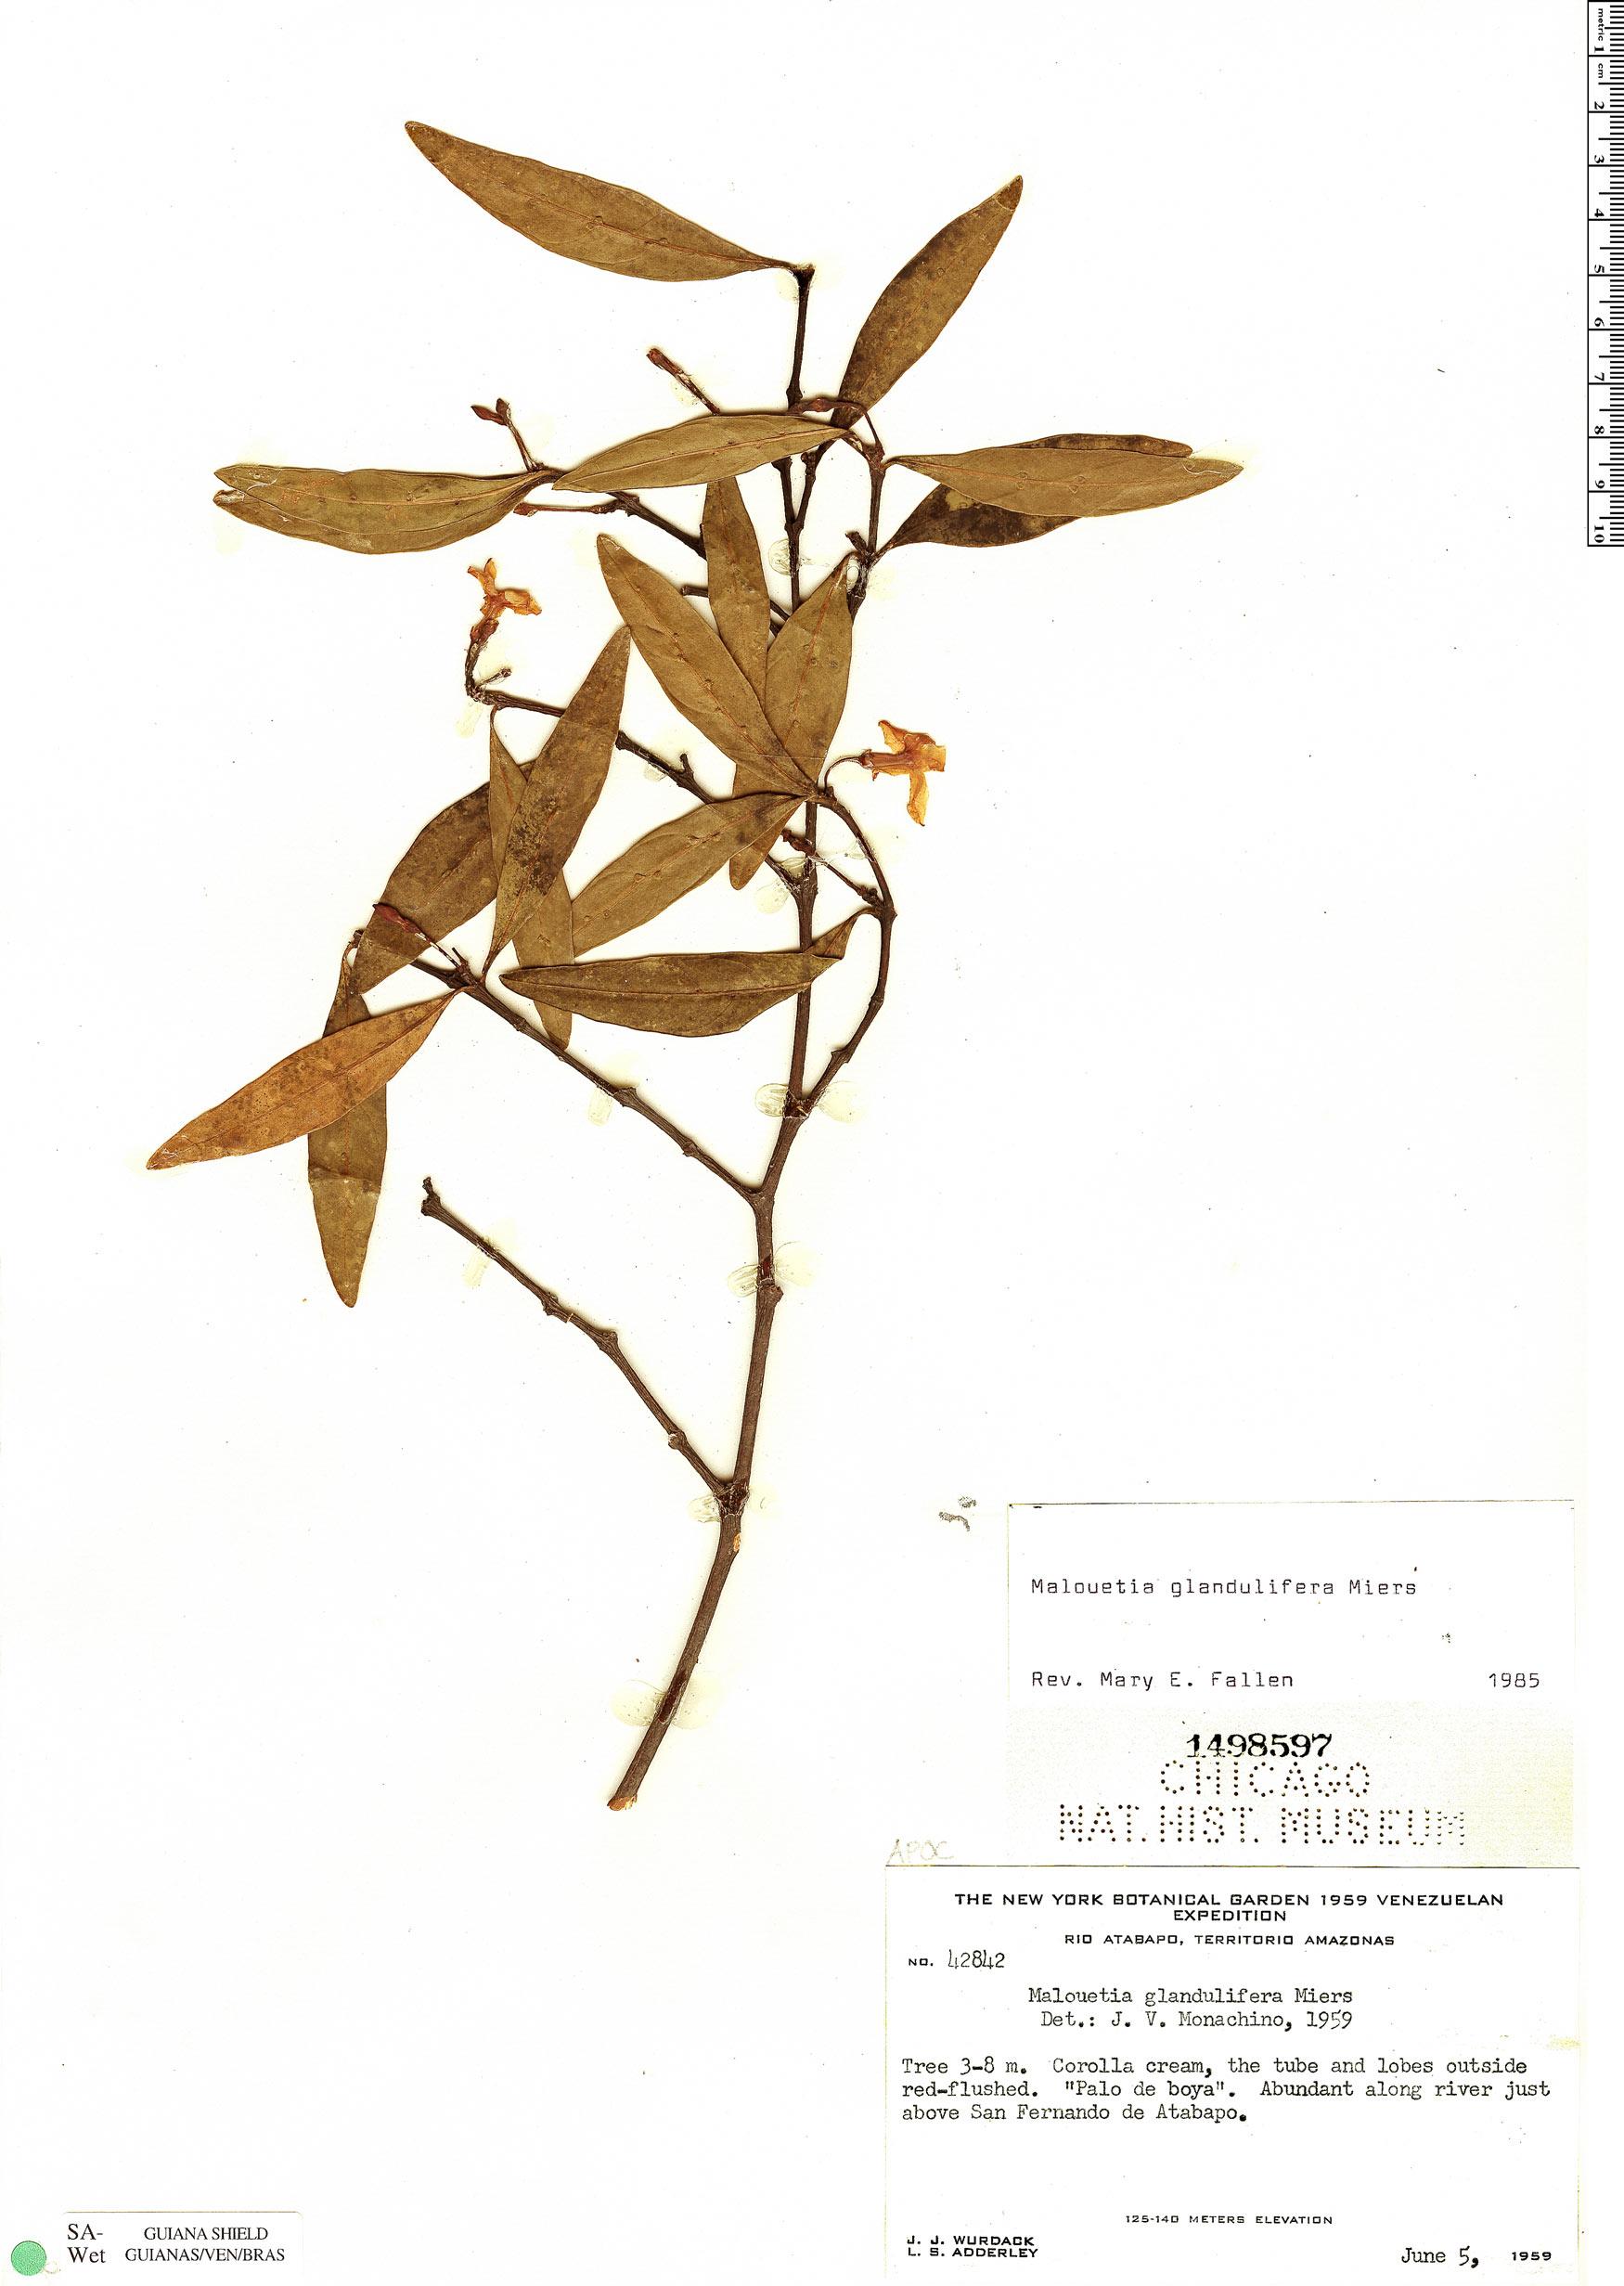 Specimen: Malouetia glandulifera